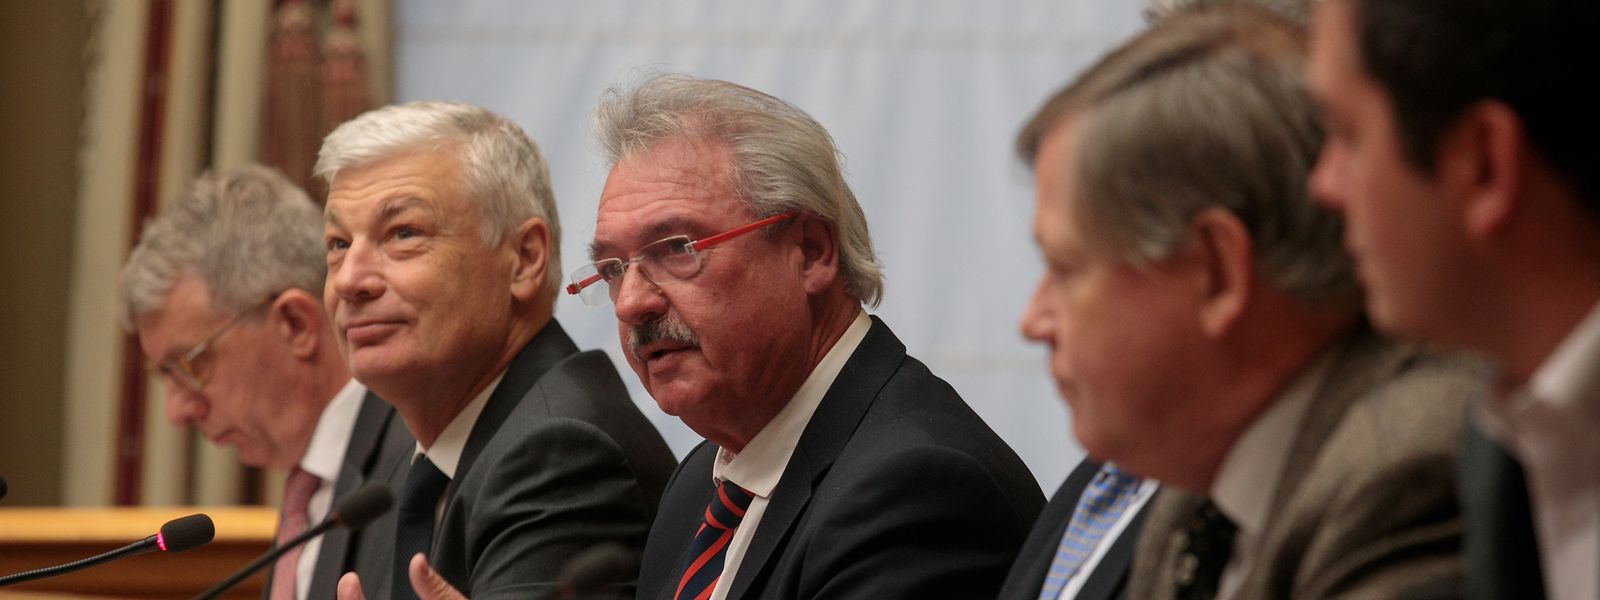 Hearing-Session zum Brexit-Abkommen in der Chamber.